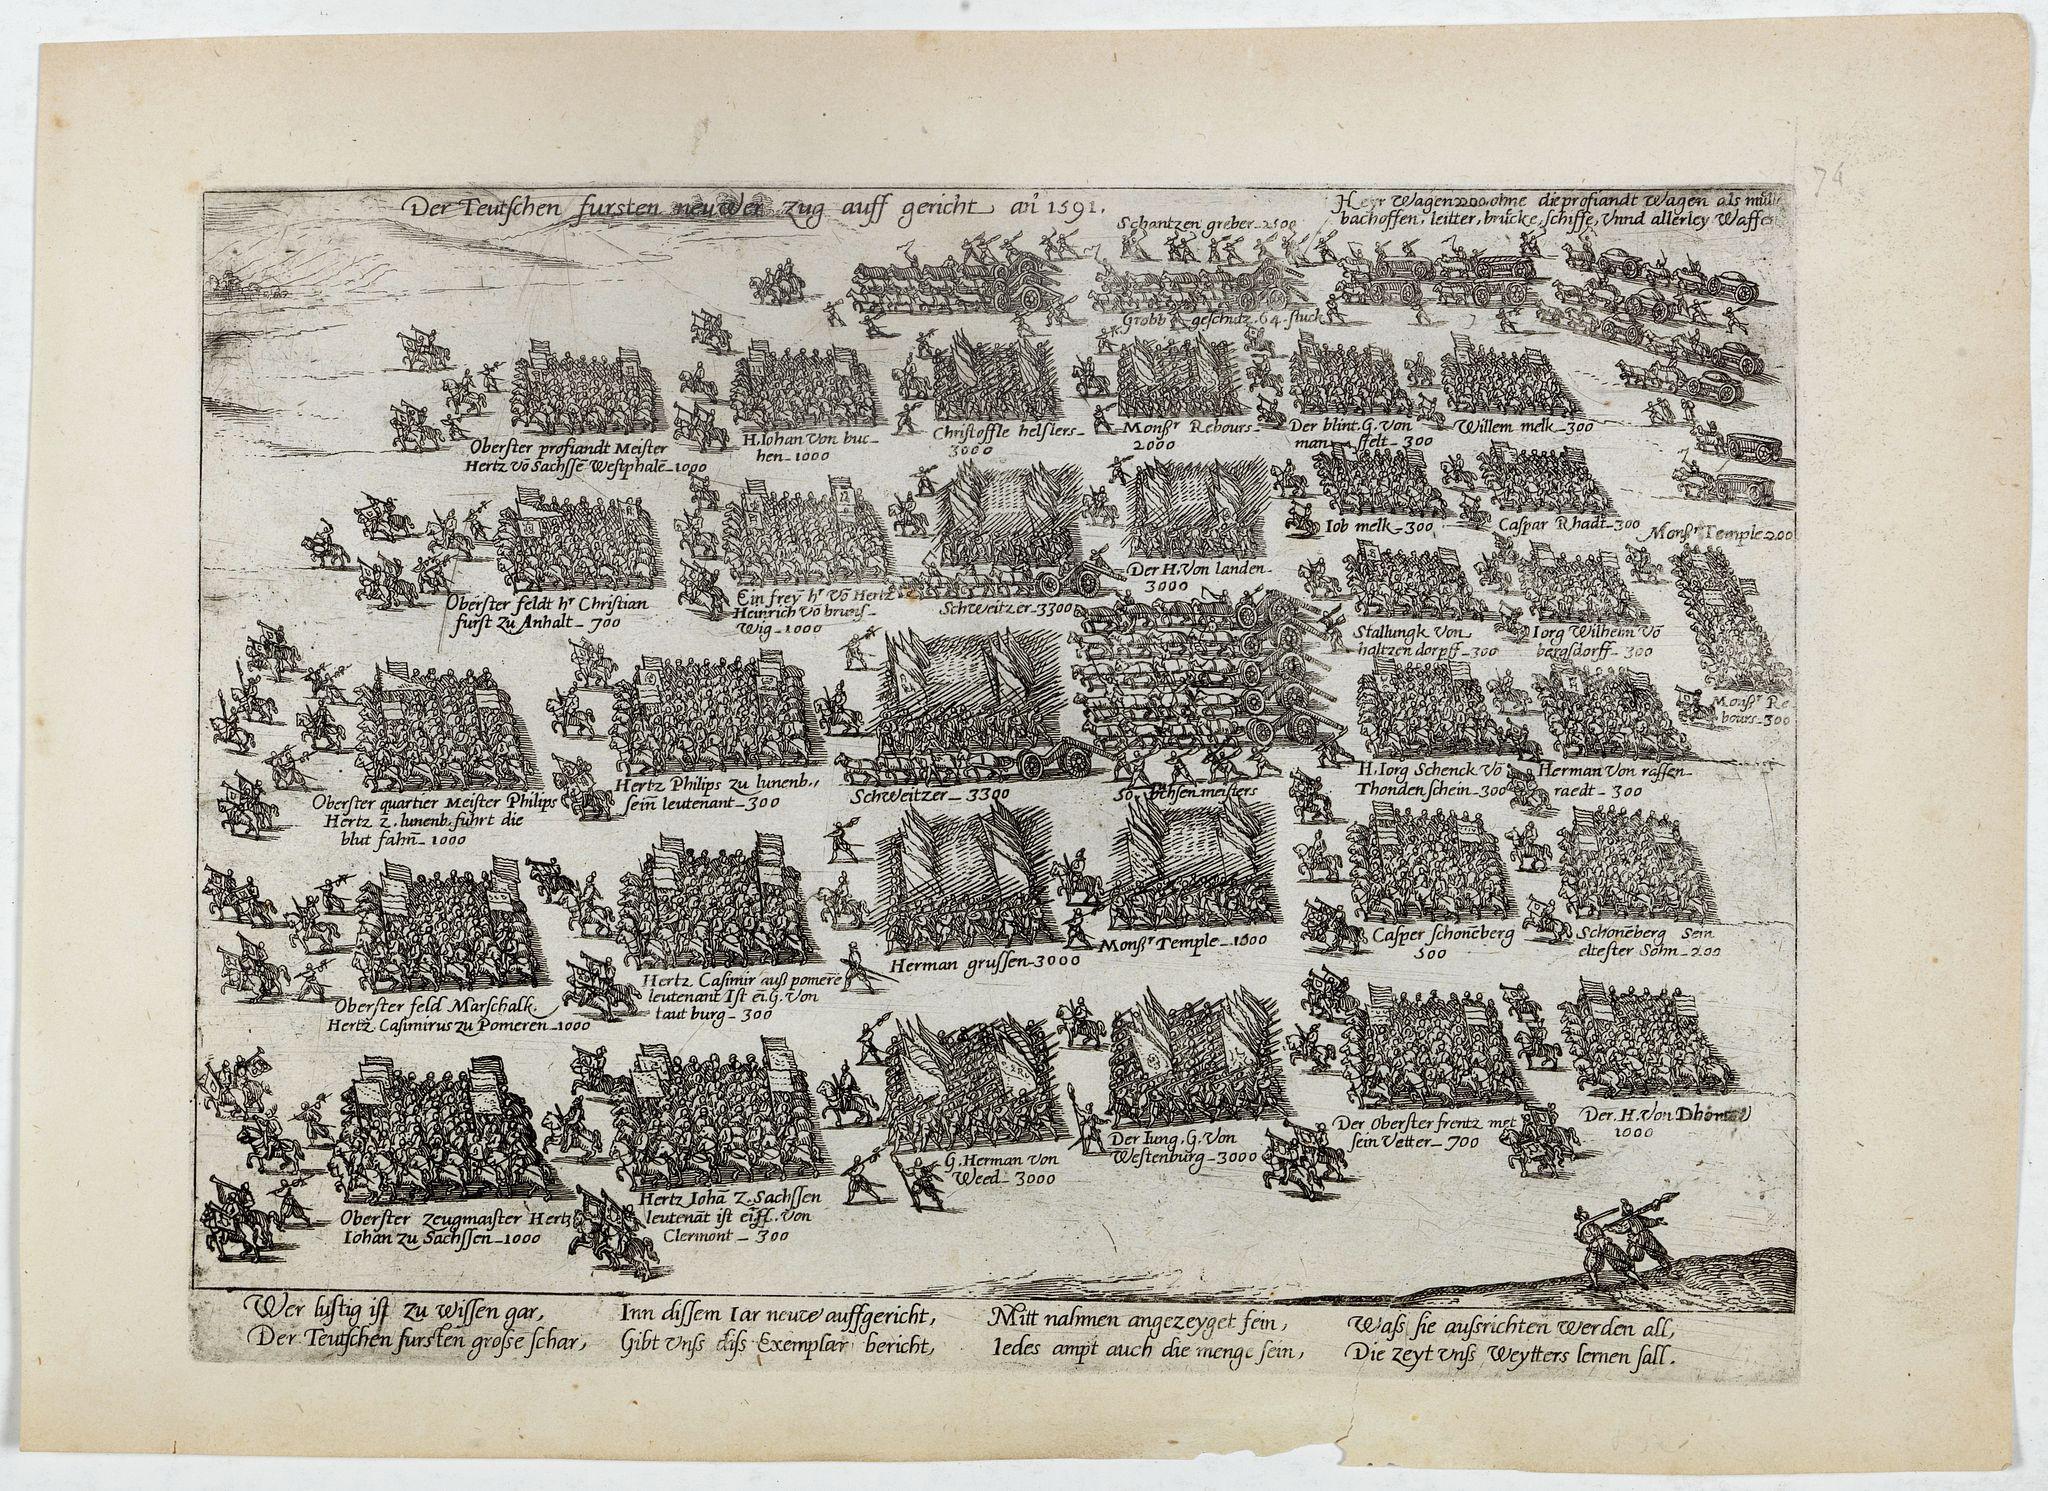 HOGENBERG, F. -  Der Teutschen fursen neuwer Zug auff gericht an 1591